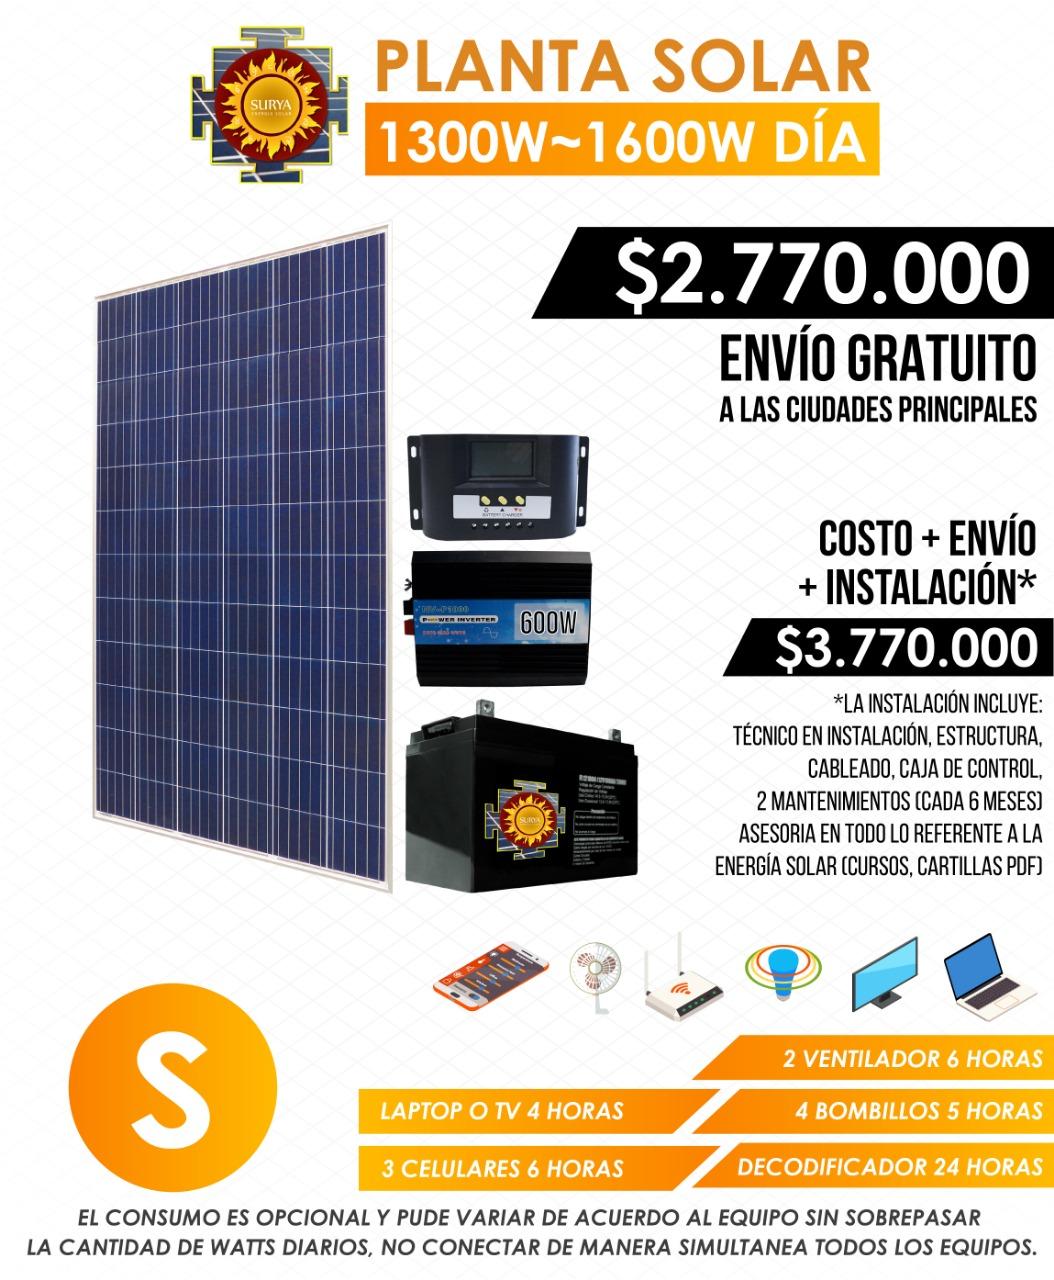 Planta solar autonoma 1300w a 1600w